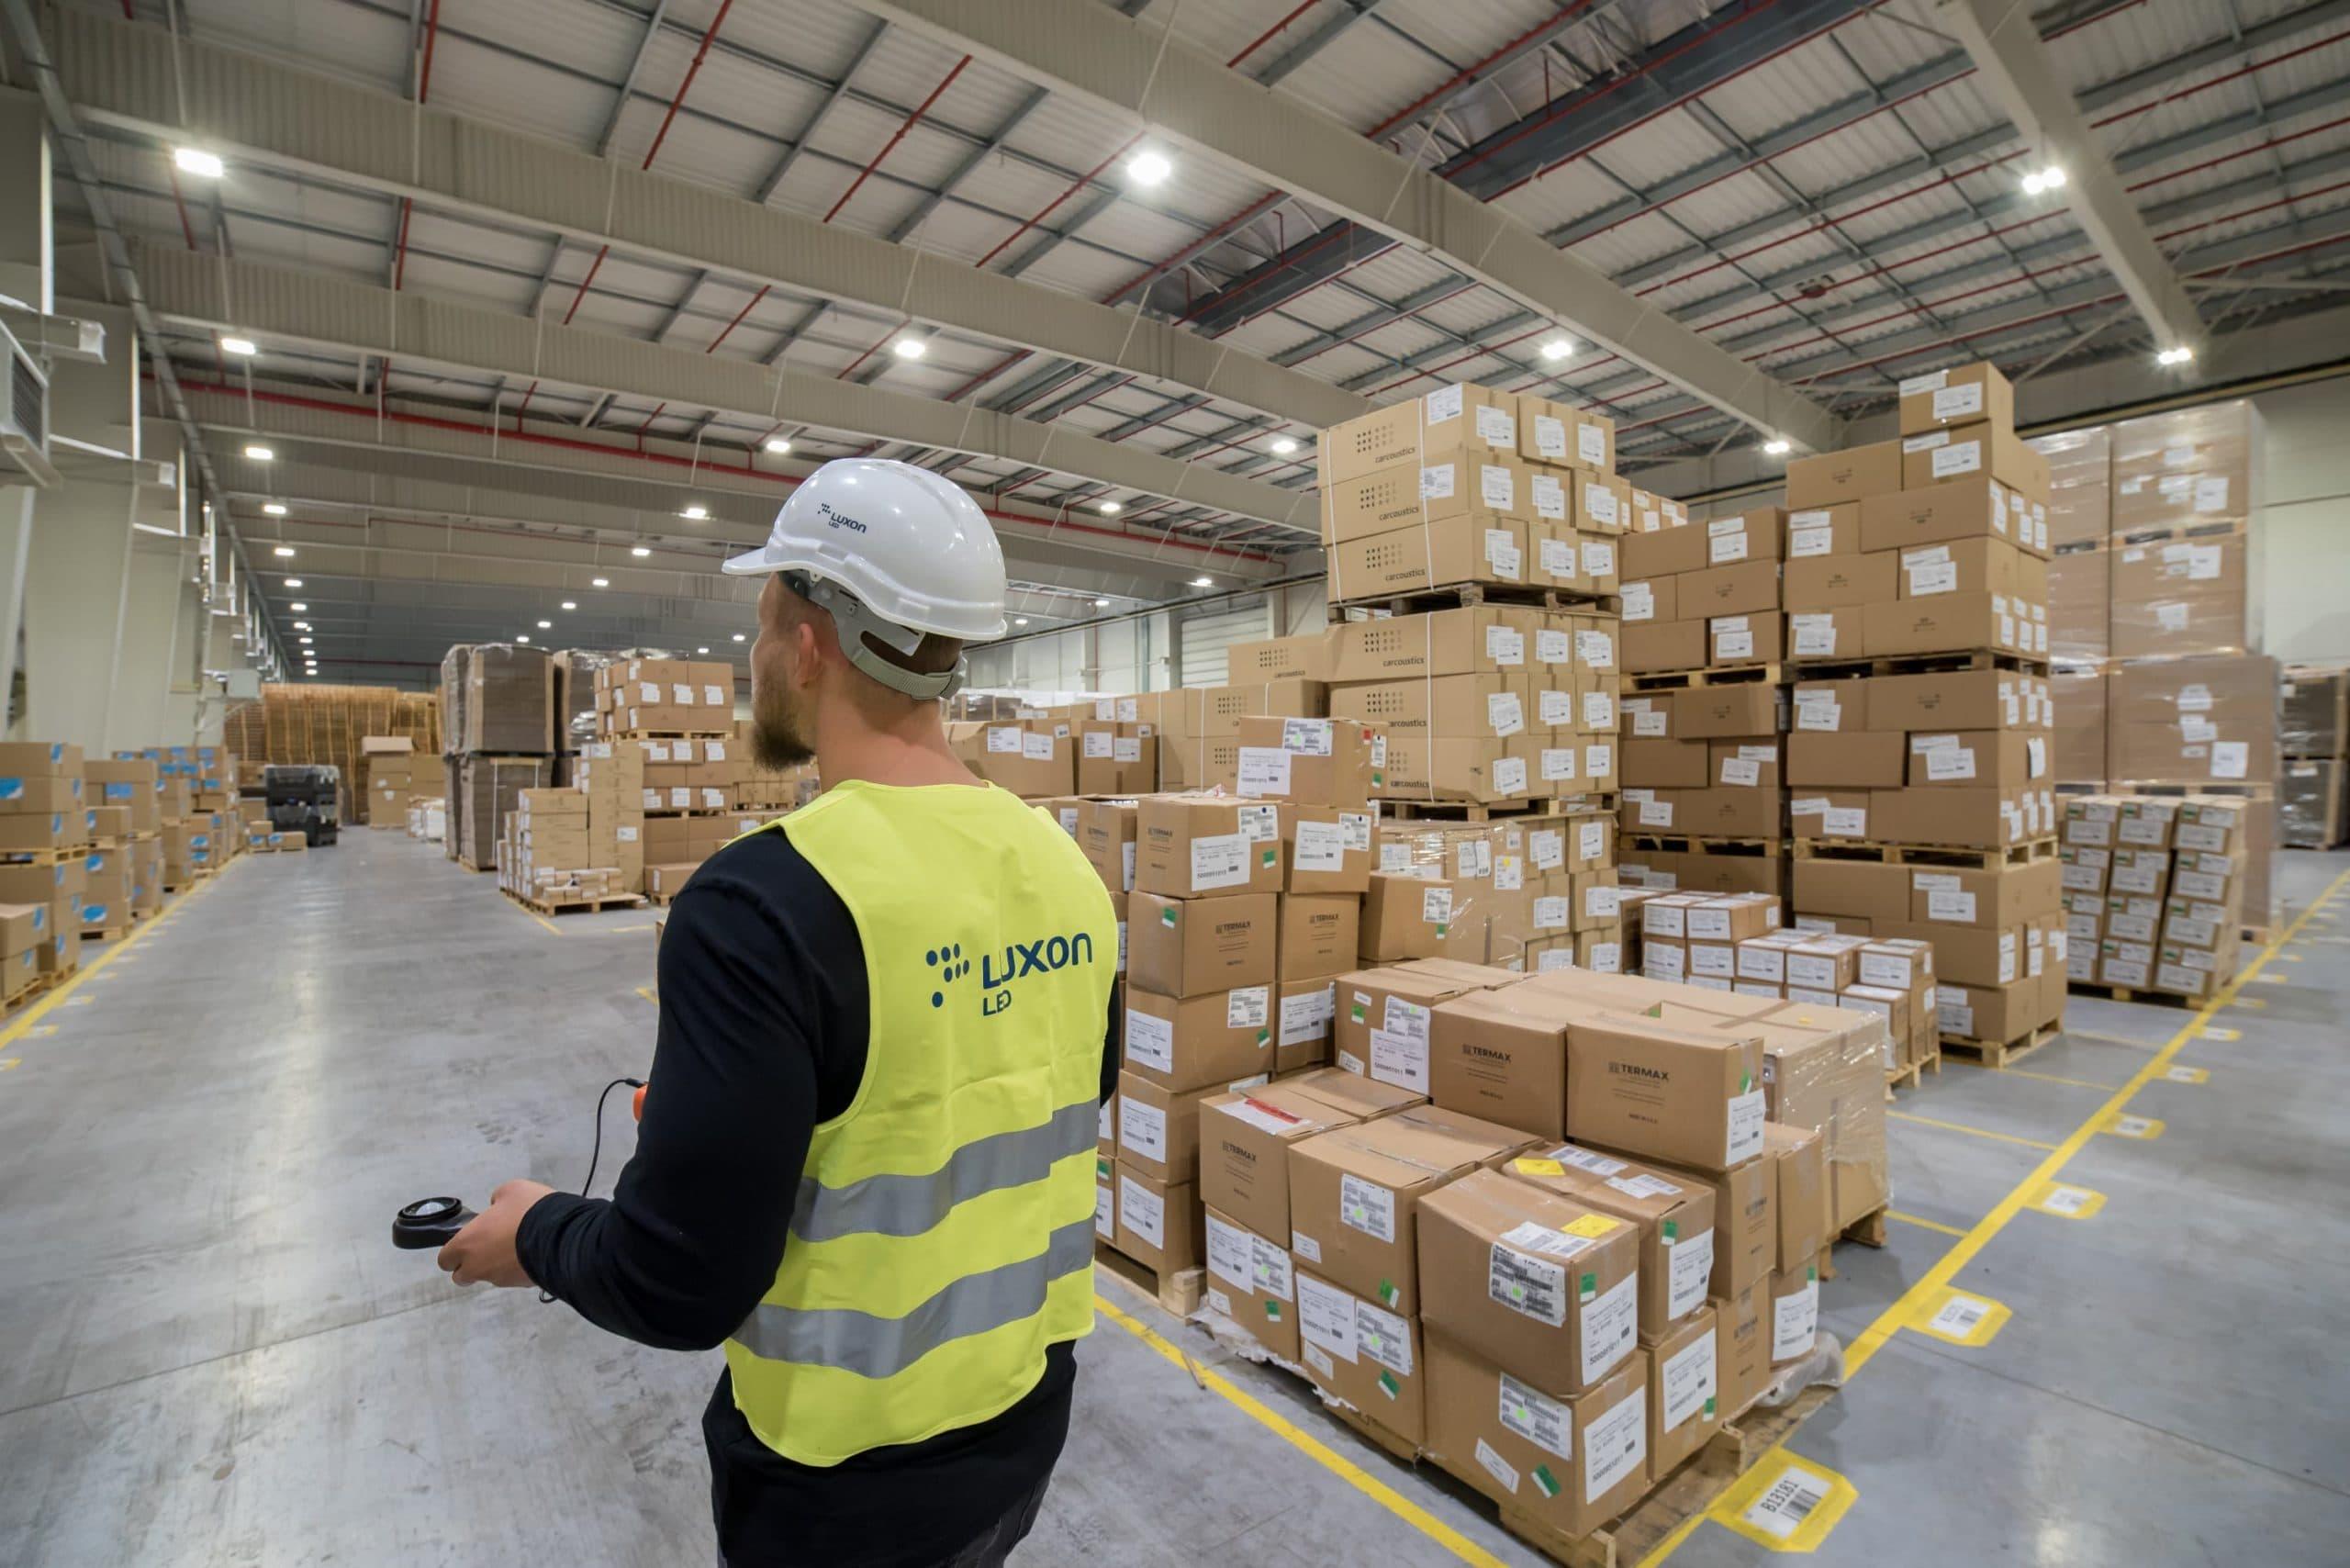 modernizacja oświetlenia w firmie Industrias Alegre - Luxon LED